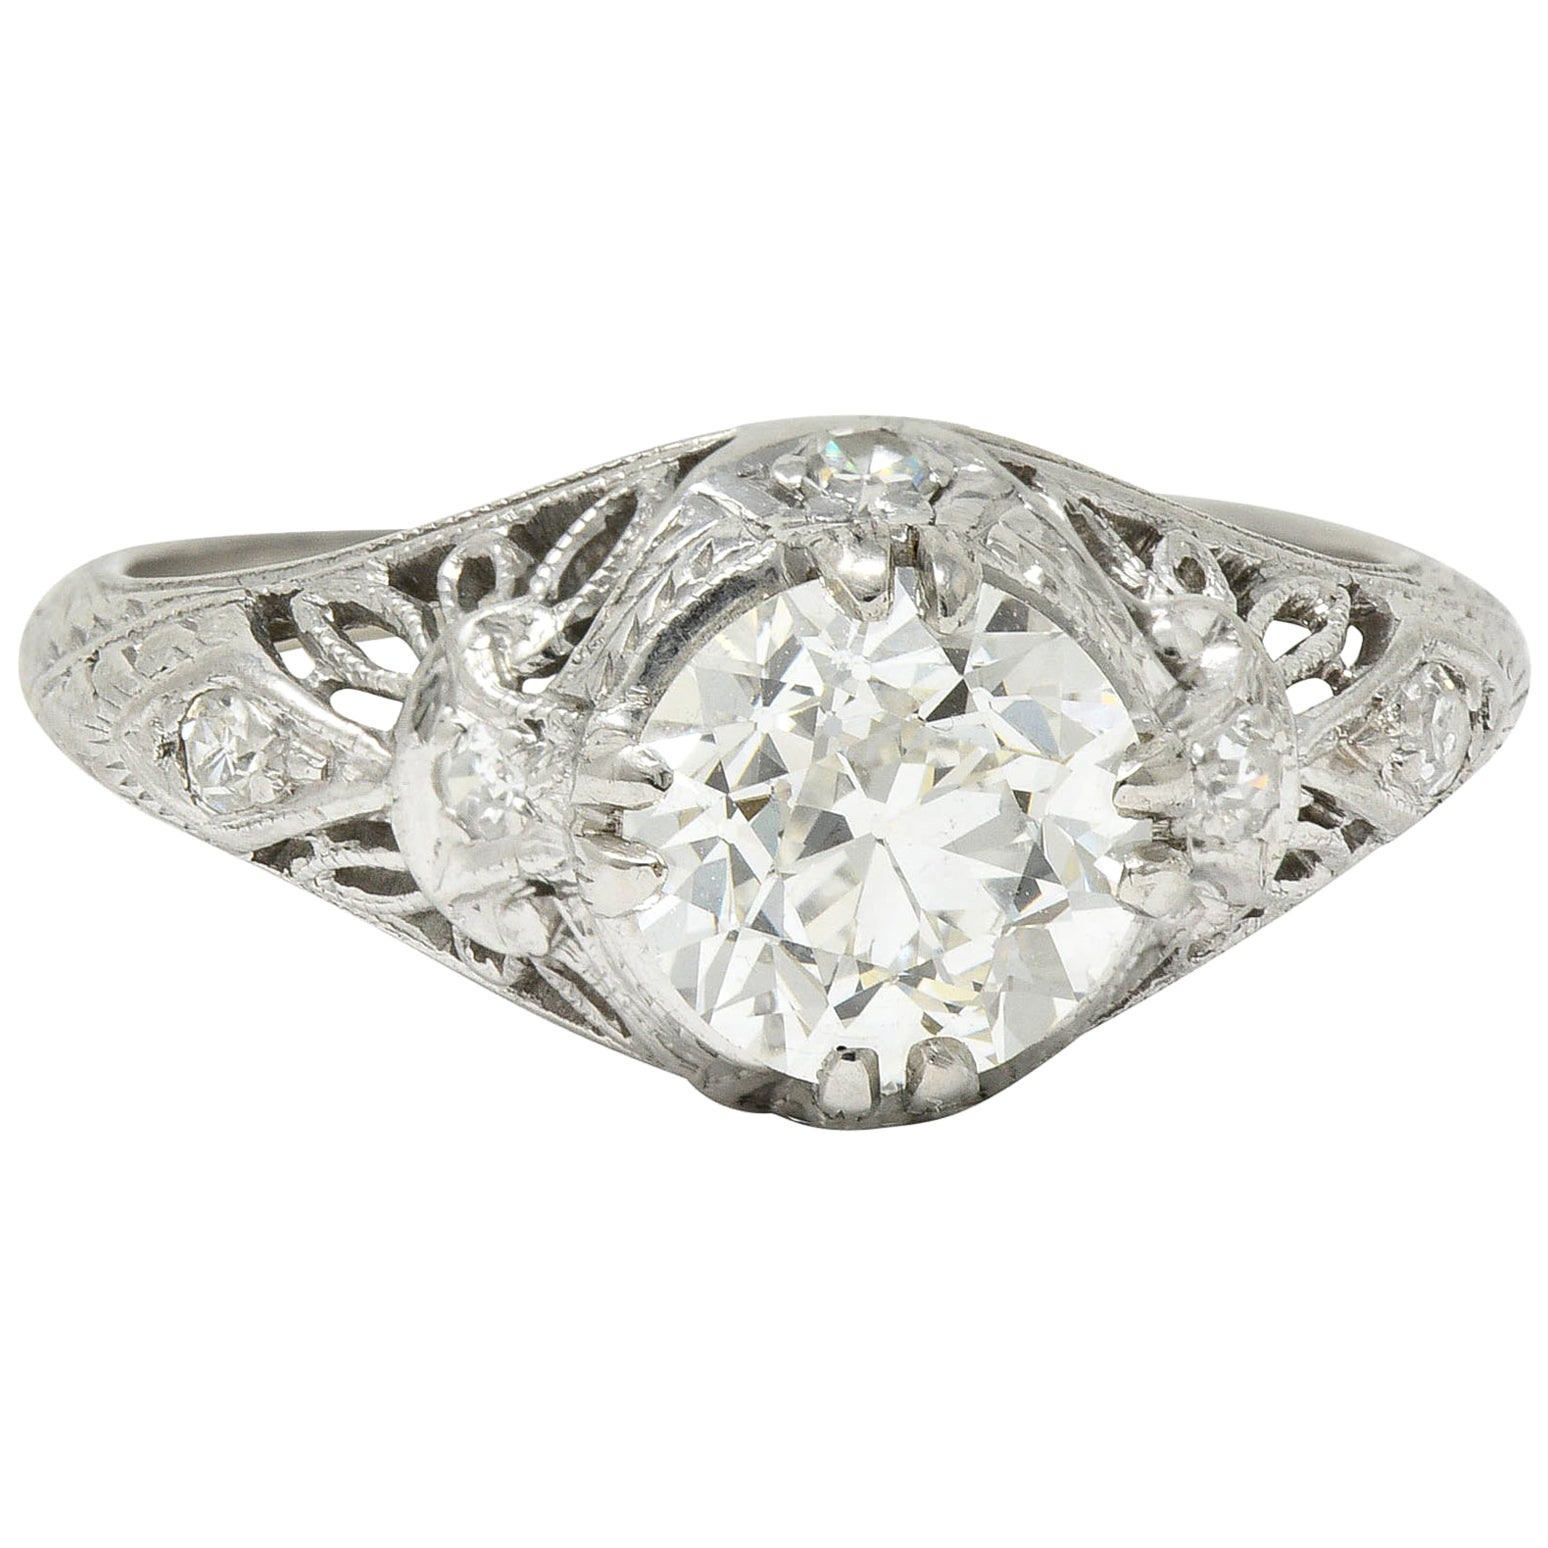 Edwardian 1.04 Carat Diamond Platinum Engagement Ring GIA